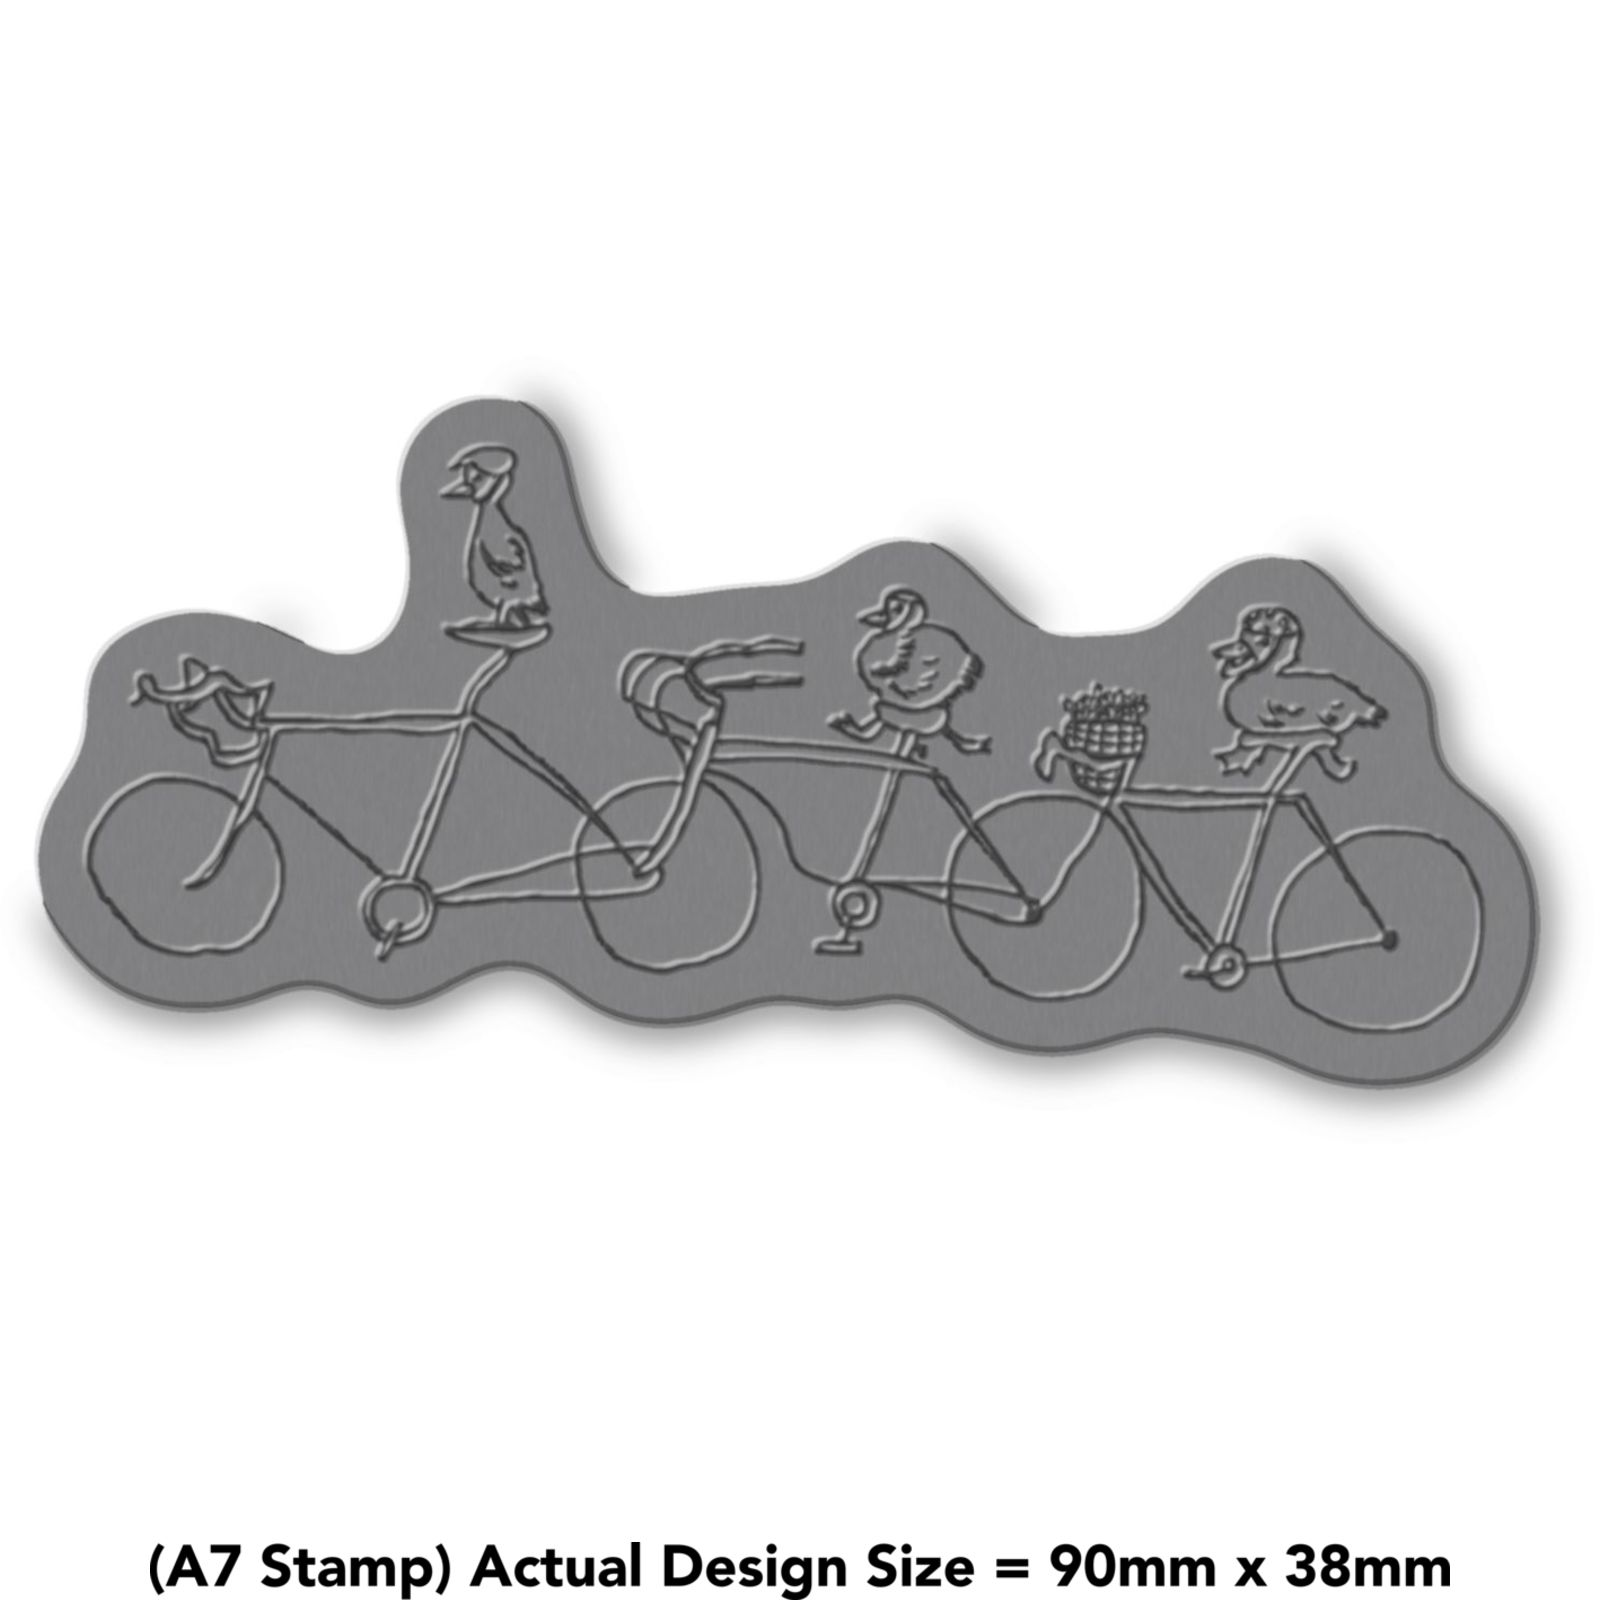 039-Patos-de-Ciclismo-039-RS008087 miniatura 4